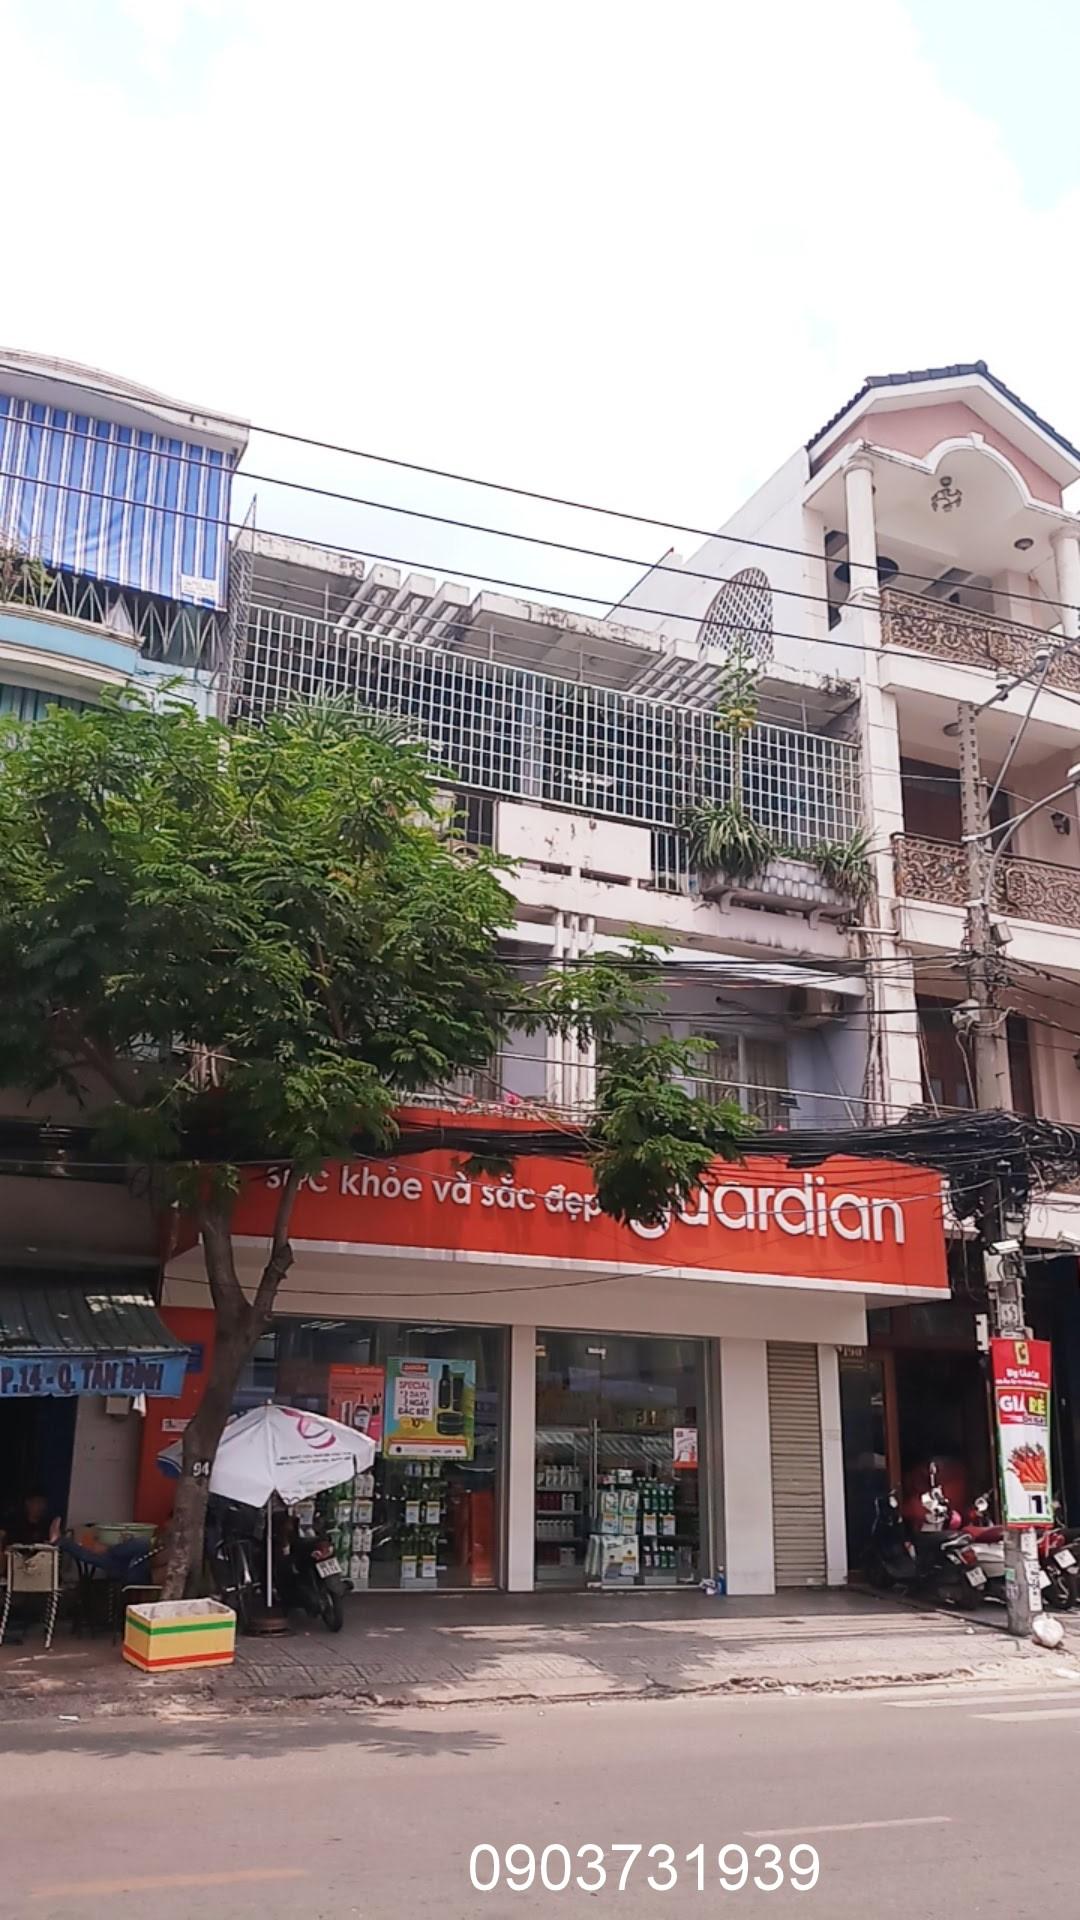 Bán nhà MT Bàu Cát 1; DT: 8 x 16m, 3 lầu mới, vị trí đẹp nhất, HĐ thuê 70tr